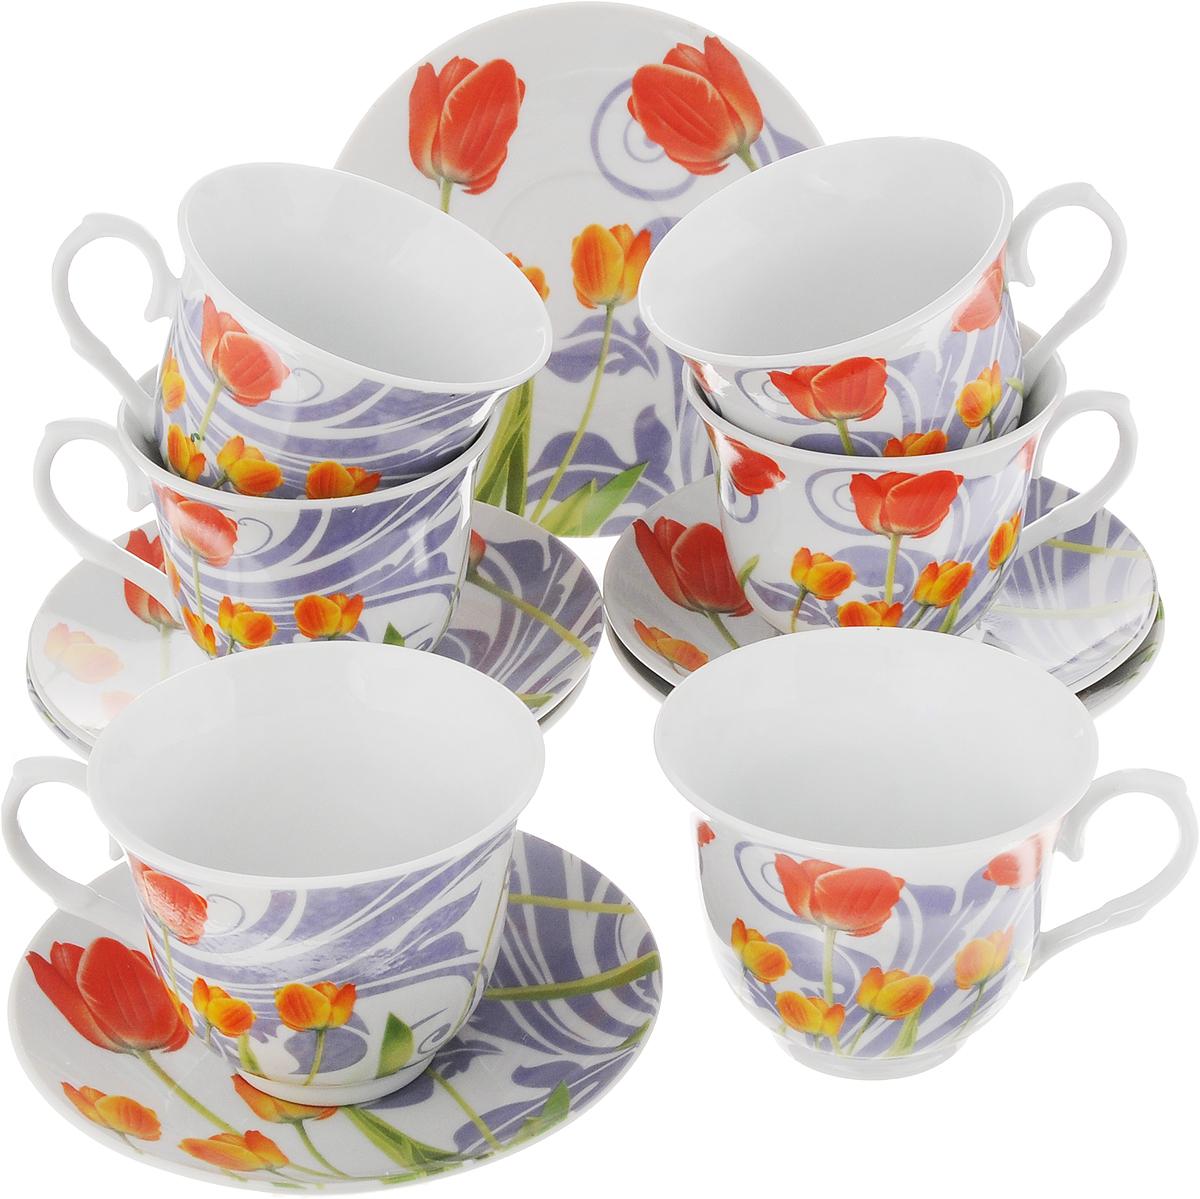 Набор чайный Bella Тюльпаны, 12 предметовDL-RP6-156Чайный набор Bella состоит из 6 чашек и 6 блюдец, изготовленных из высококачественного фарфора. Такой набор прекрасно дополнит сервировку стола к чаепитию, а также станет замечательным подарком для ваших друзей и близких. Объем чашки: 250 мл. Диаметр чашки (по верхнему краю): 9 см. Высота чашки: 7,5 см. Диаметр блюдца: 14 см. Высота блюдца: 1,8 см.